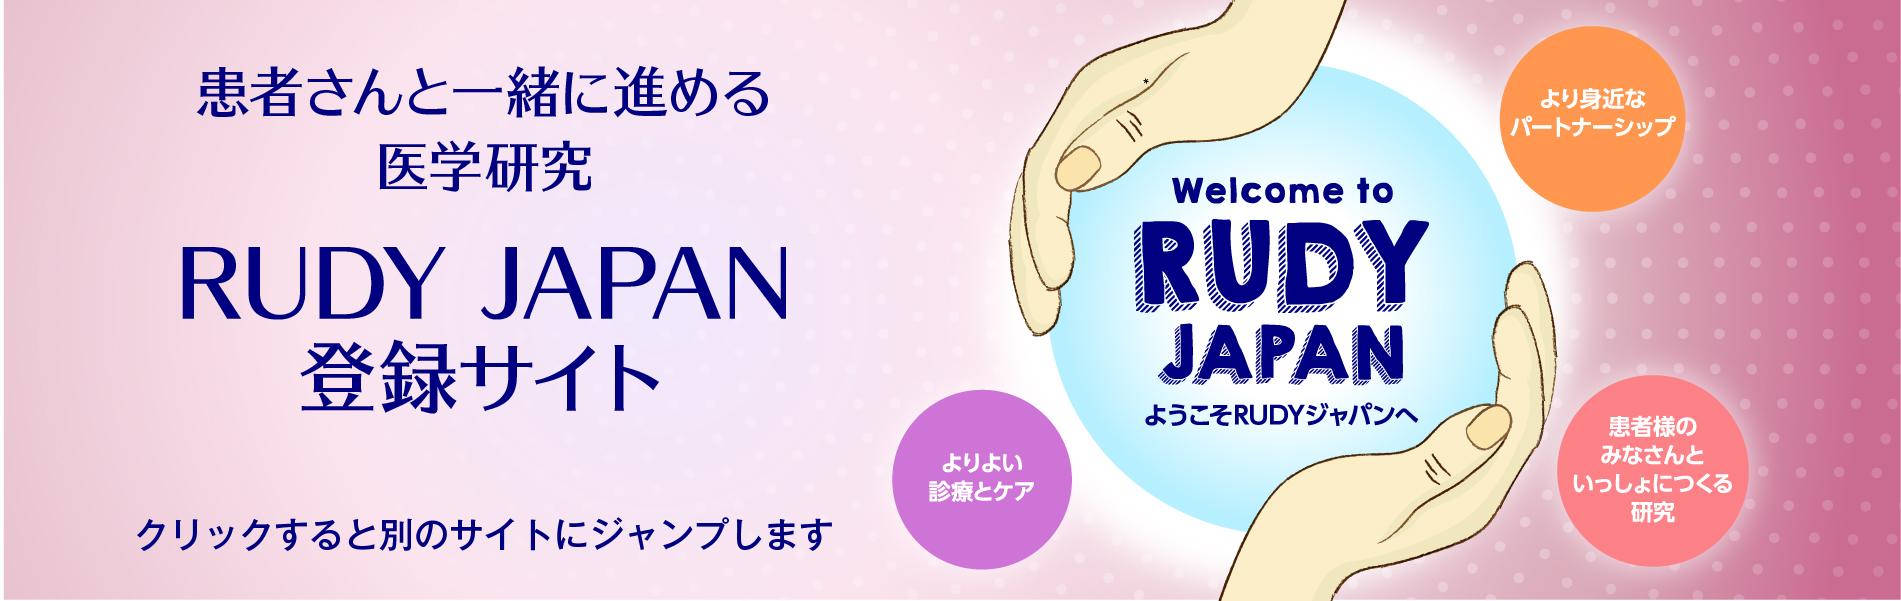 患者さんと一緒に進める医学研究 RUDY JAPAN